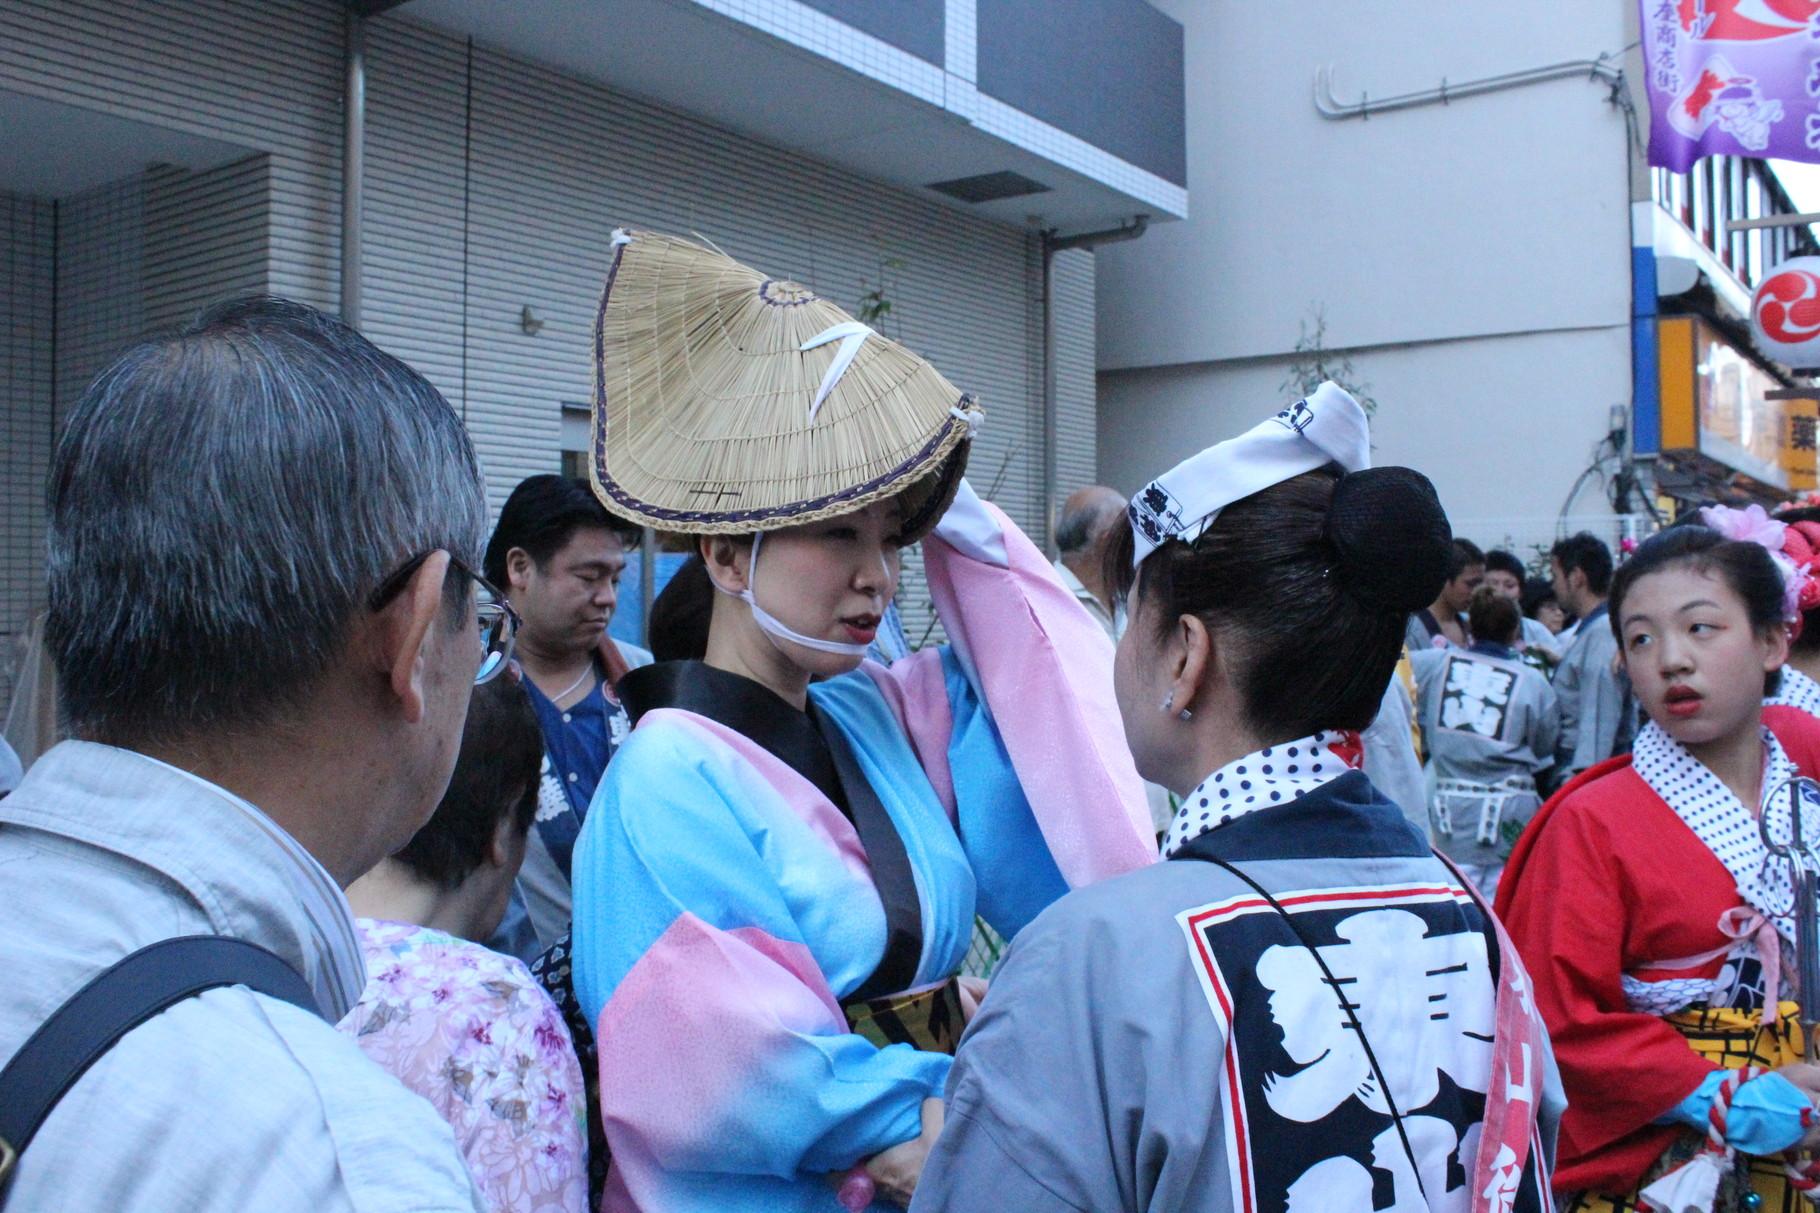 Traditionelle Awa-Odori-Tracht von der Insel Shikoku